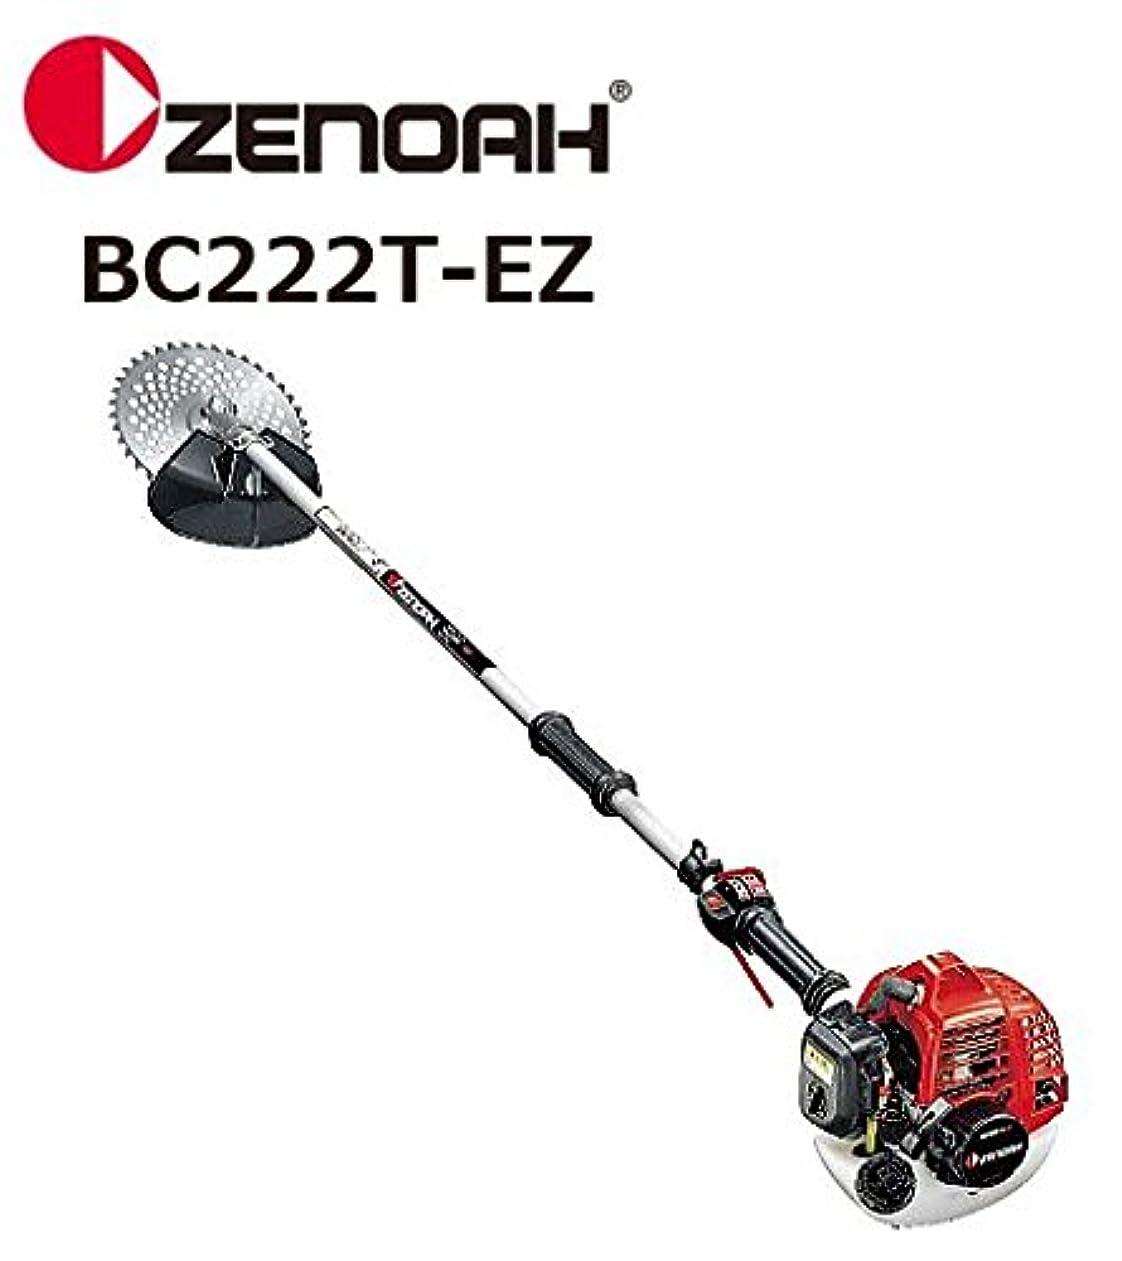 実験室私たちの同盟ゼノア(zenoah) 刈払機 BC222ST-T-EZ 肩掛式 ツーグリップハンドル 21.7cc